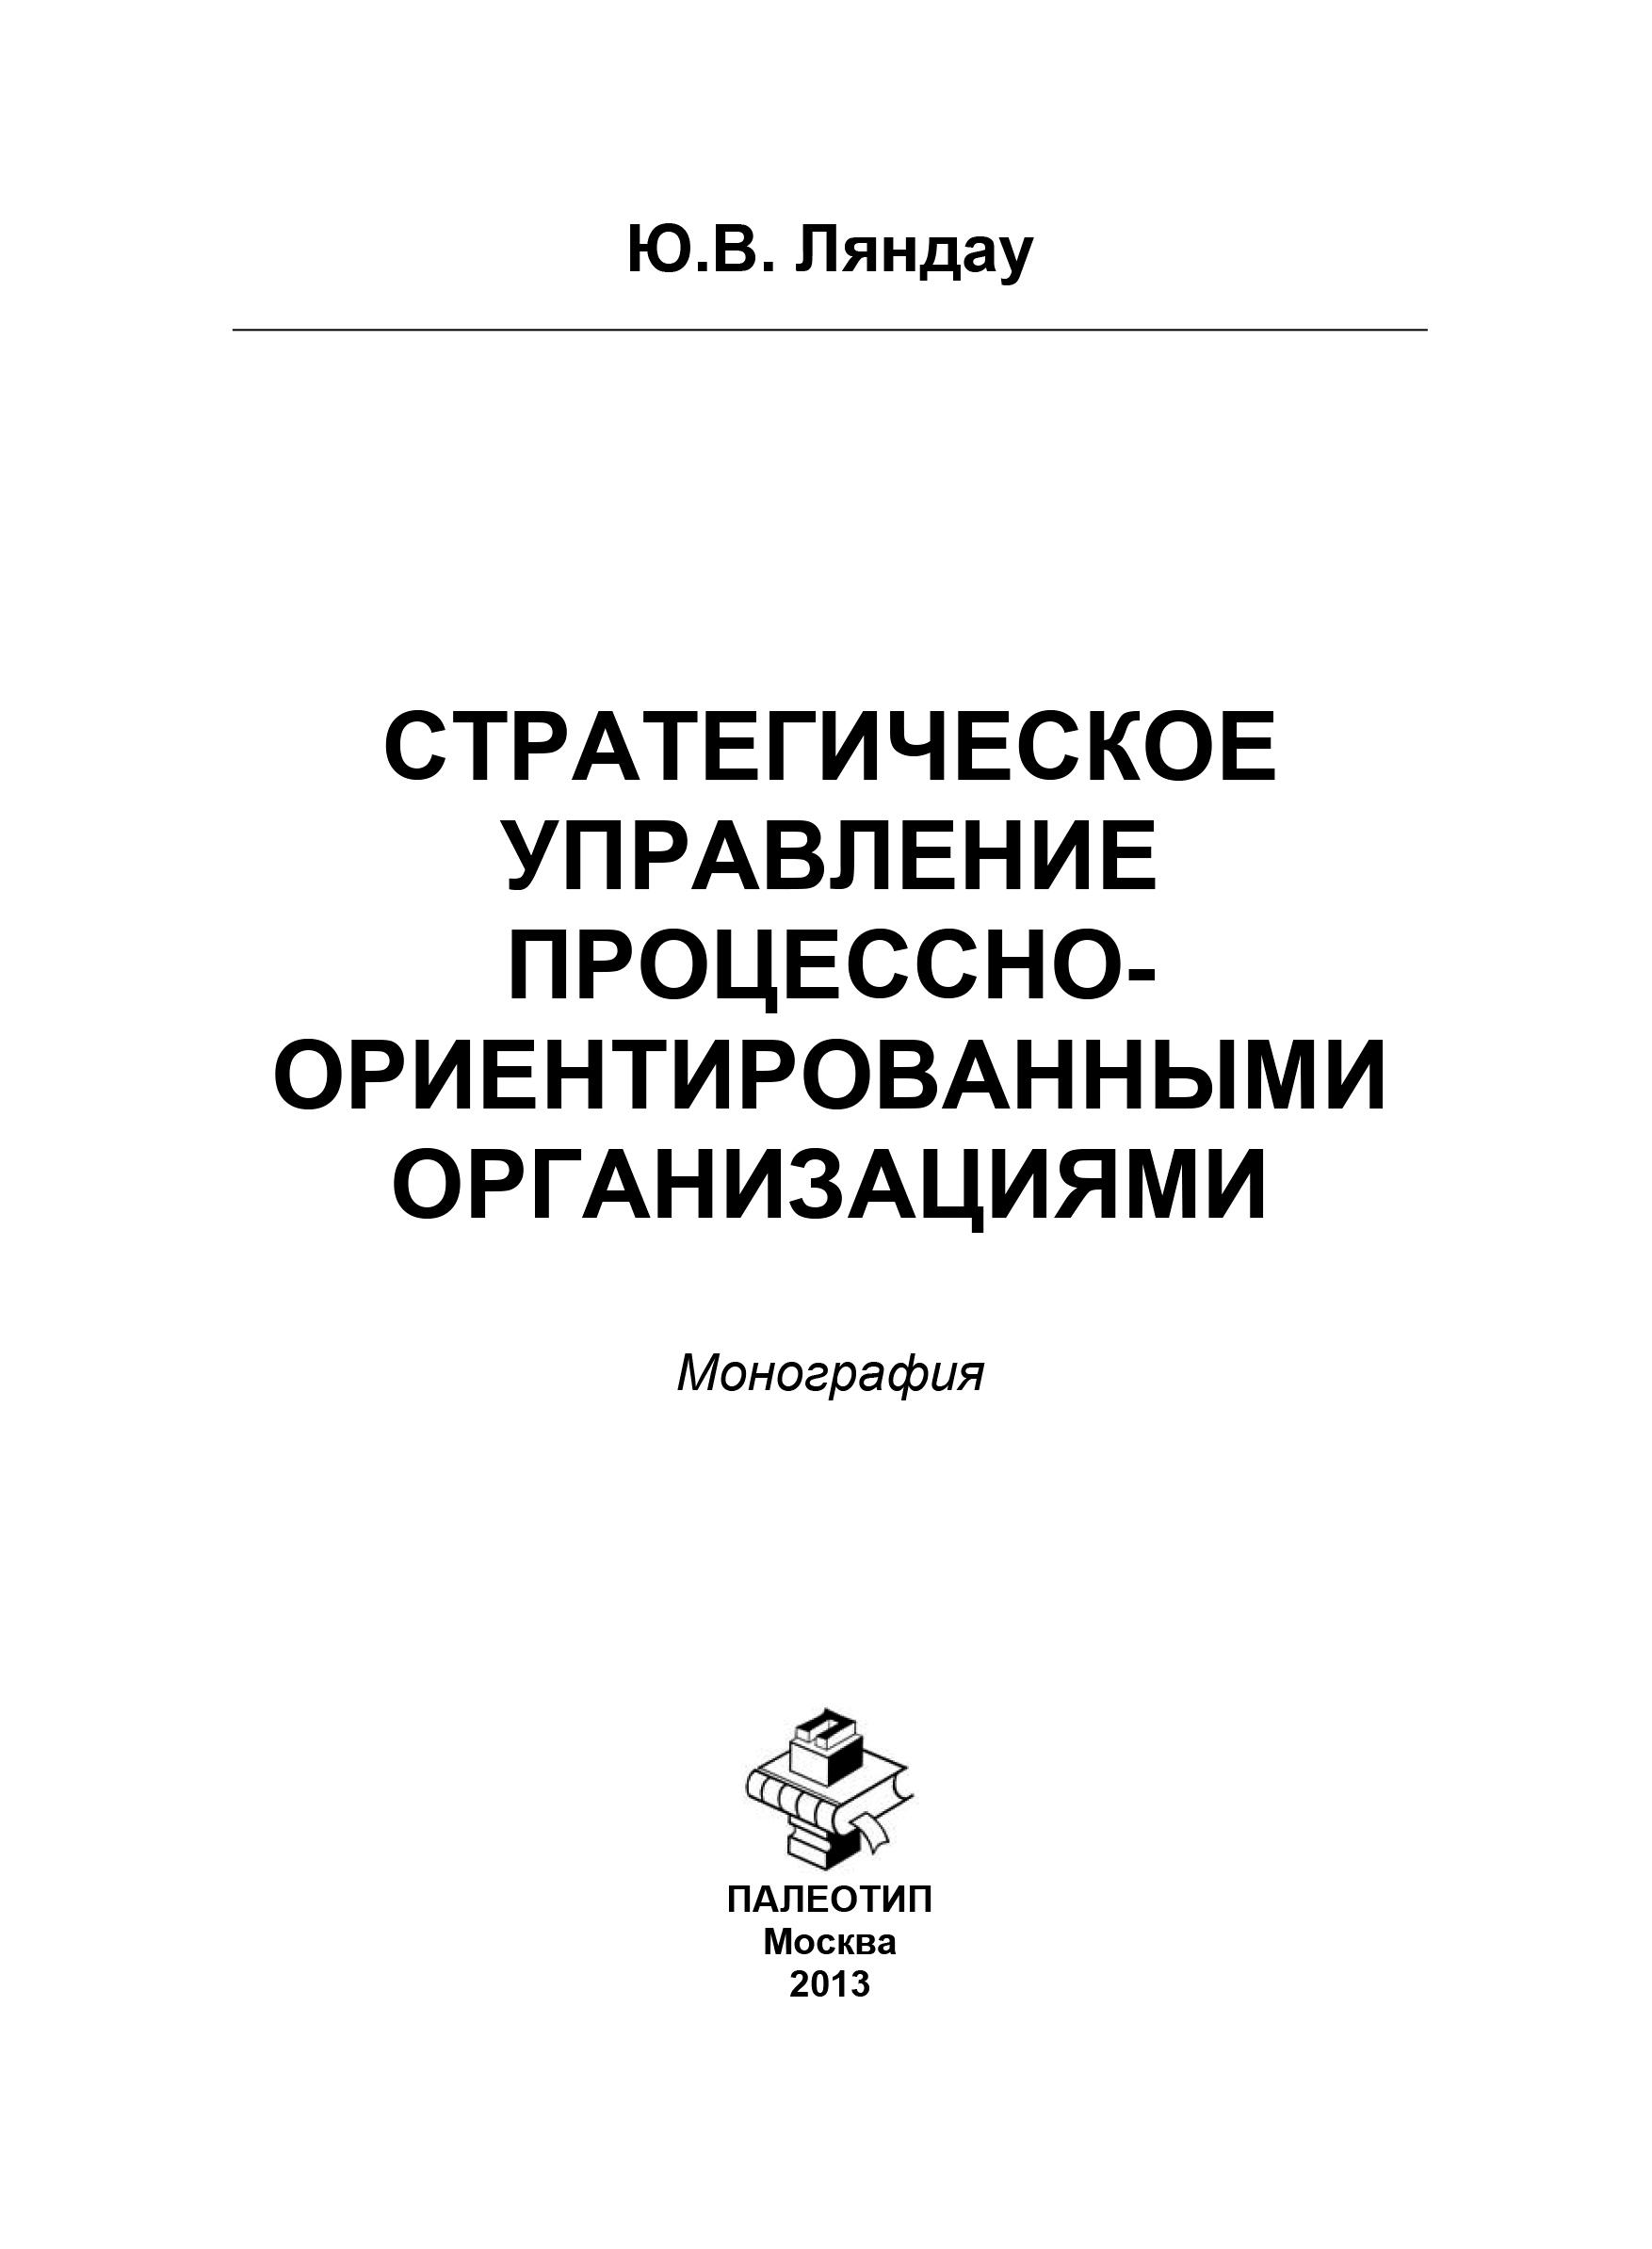 Ю. В. Ляндау Стратегическое управление процессно-ориентированными организациями